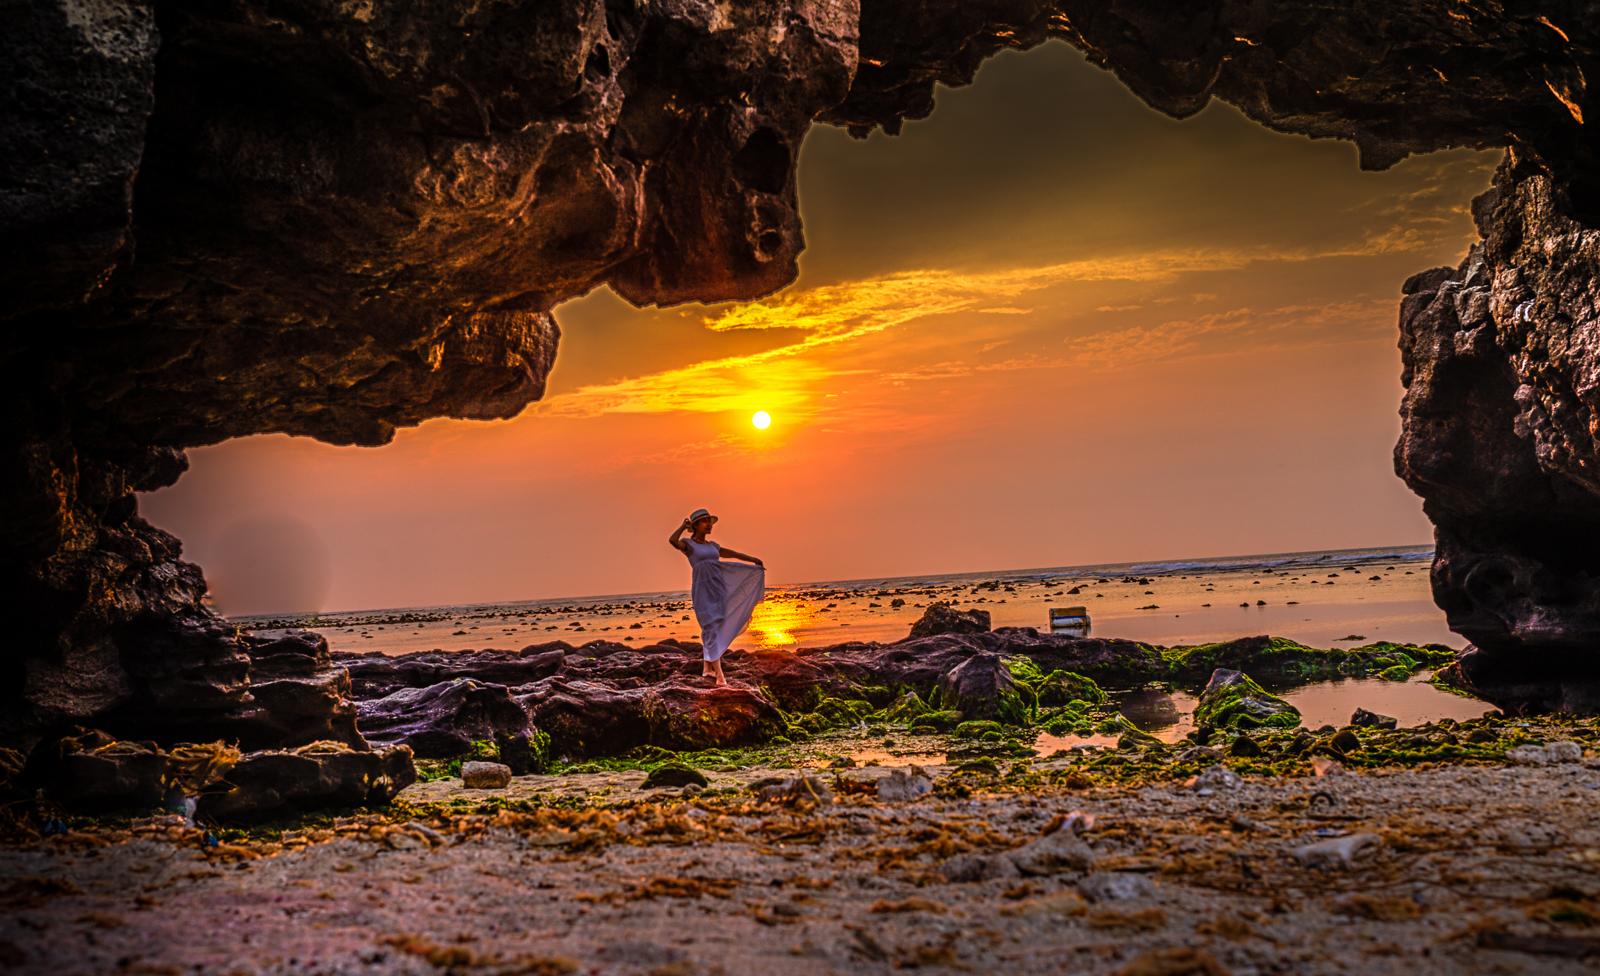 Đảo Lý Sơn (Quảng Ngãi) là một trong những vùng đảo đoàn làm phim sẽ ghi hình cùng các nghệ sĩ (Ảnh Như Phú)